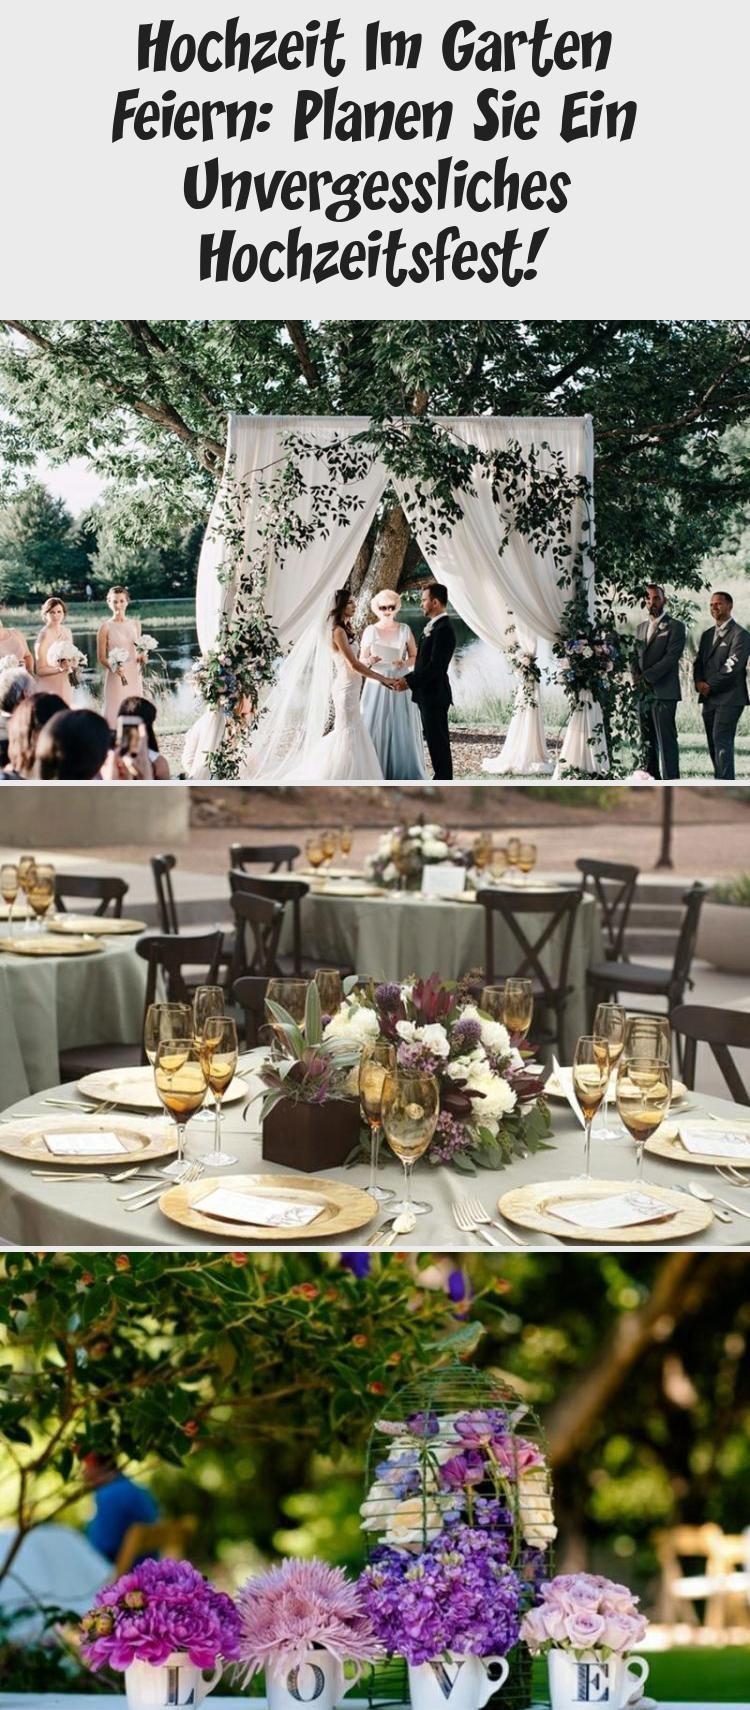 Hochzeit Im Garten Feiern Planen Sie Ein Unvergessliches Hochzeitsfest Hochzeitsfeier Garten